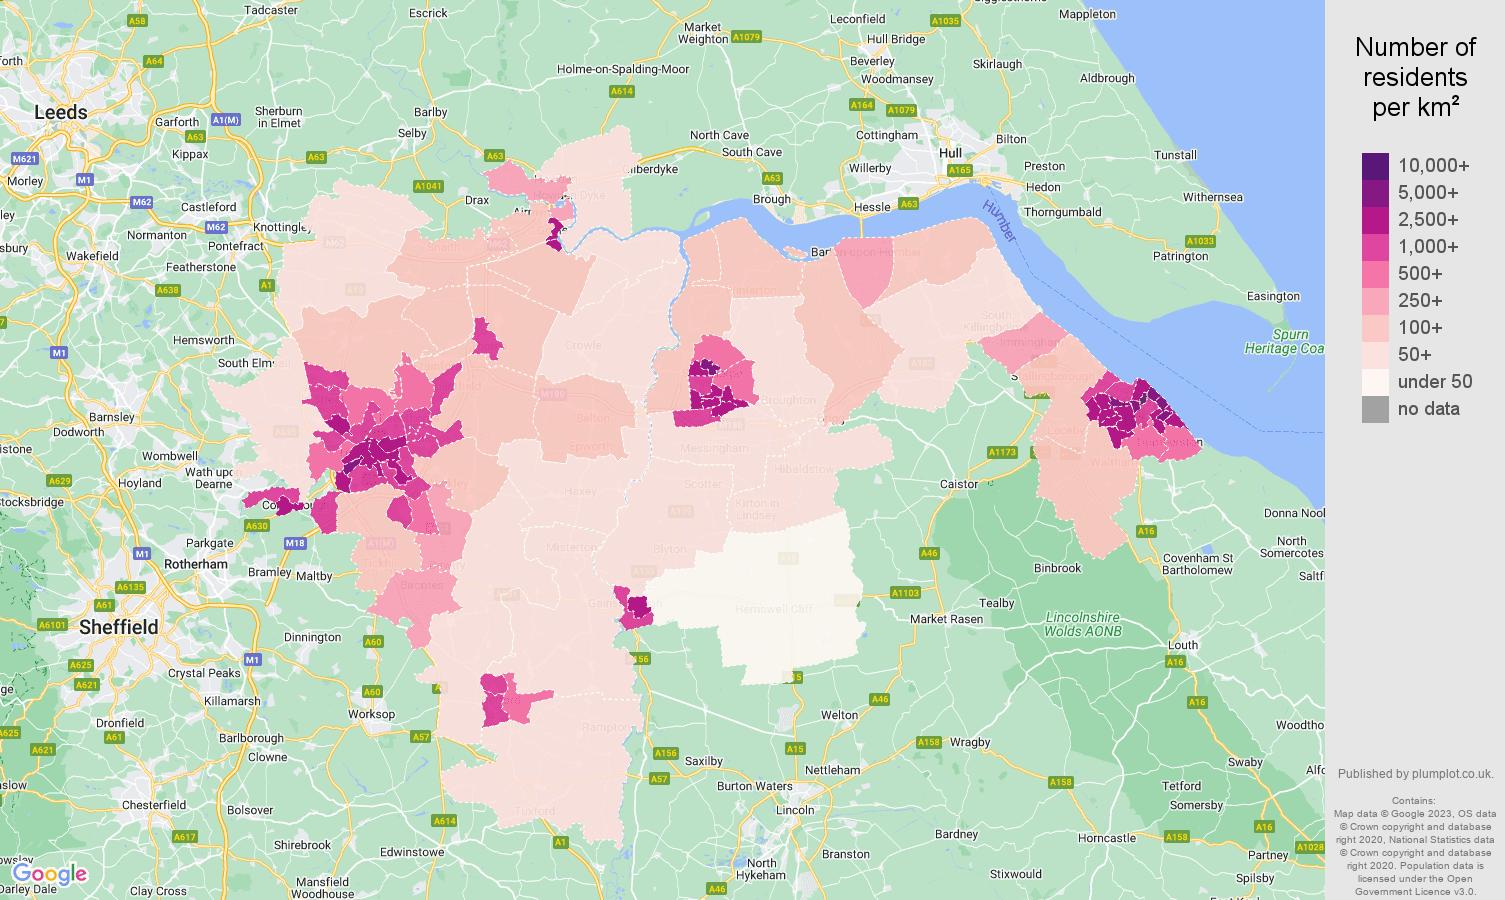 Doncaster population density map